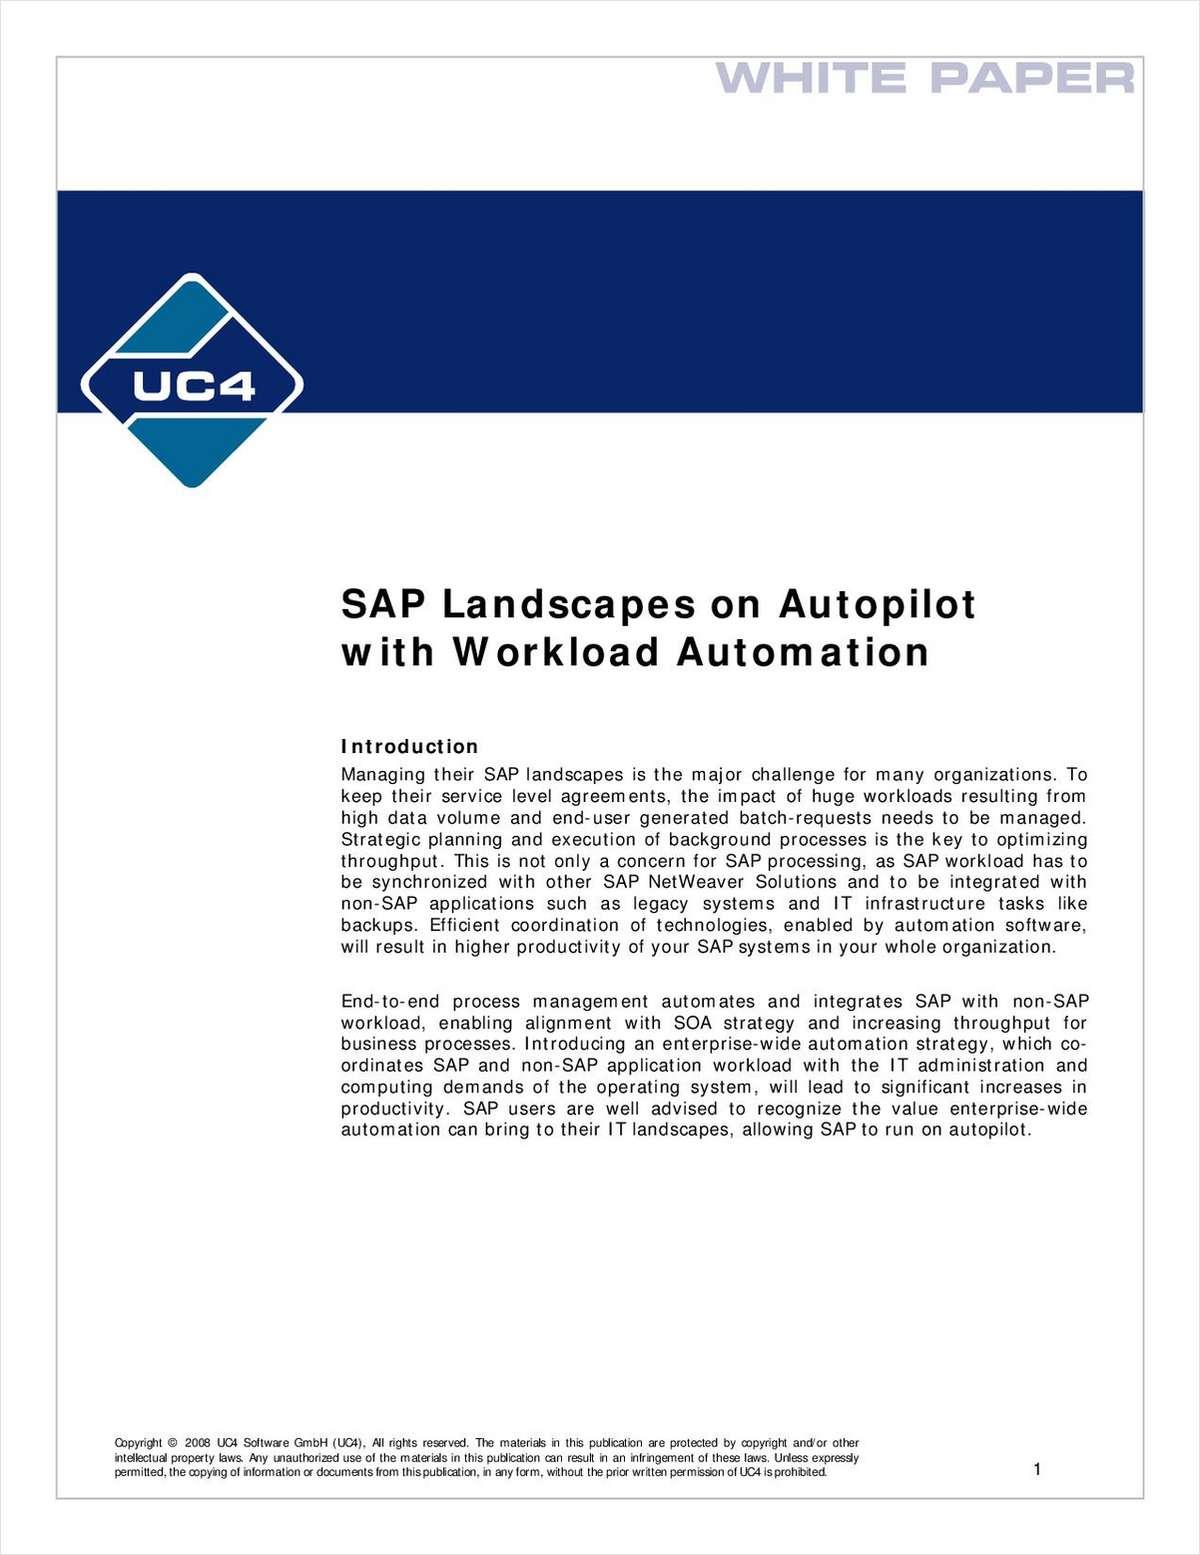 SAP Landscapes on Autopilot with Workload Automation